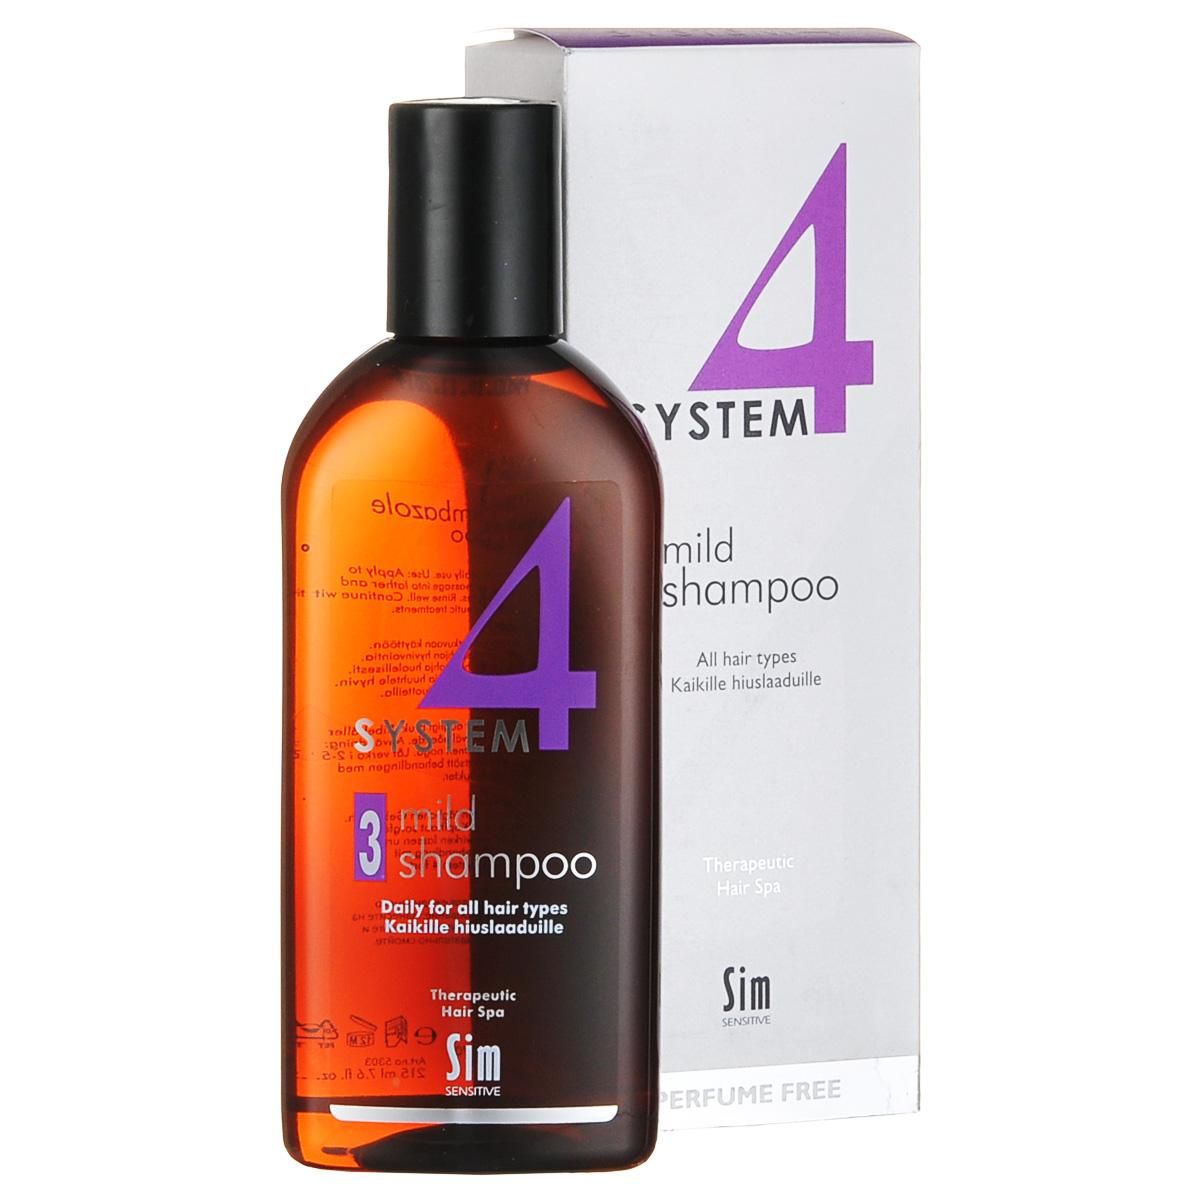 SIM SENSITIVE Терапевтический шампунь № 3 SYSTEM 4 Mild Climbazole Shampoo 3 , 215 мл5303КАК РАБОТАЕТ:шампунь рекомендуется для чувствительной кожи головы. Сали-циловая кислота мягко очищает, климбазол и пироктон оламинвосстанавливают микрофлору кожи головы. Гидрогенол снимаетраздражение, увлажняет и защищает волосы от воздействия уль-трафиолетовых лучей. Ментол и розмарин способствуют улучше-нию питания волосяного фолликула за счет своих стимулирующихи дезинфицирующих свойств. рН-4,7. Успокаивает кожу головыпосле окрашивания.БОРЕТСЯ С:раздражениемкожи головы и с элементами перхотис чувствительностью кожи головырецедивами после курса лечения волос и кожи головы